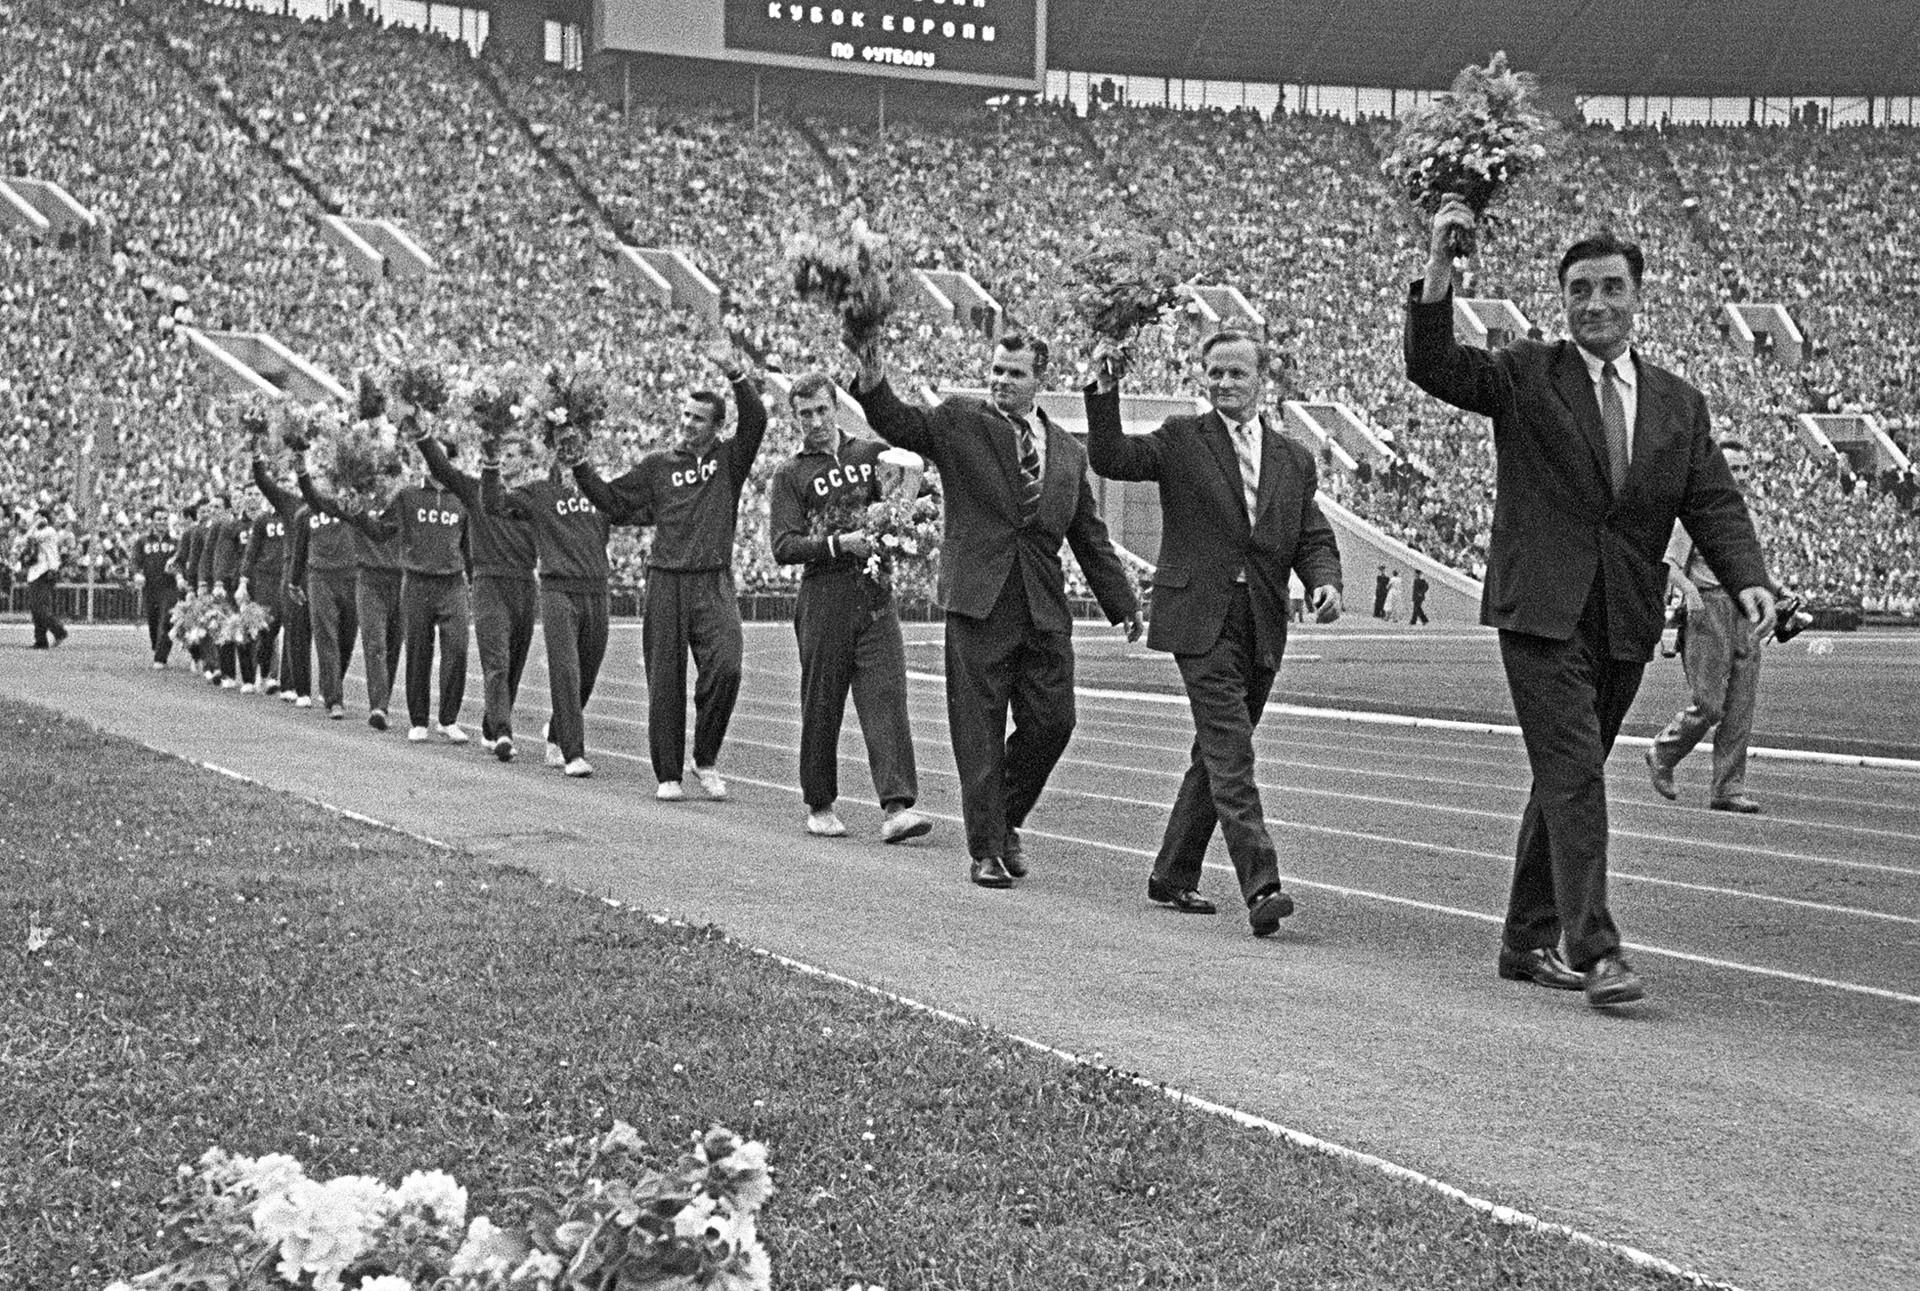 L'équipe d'Union soviétique de football à la Coupe d'Europe des nations de 1960